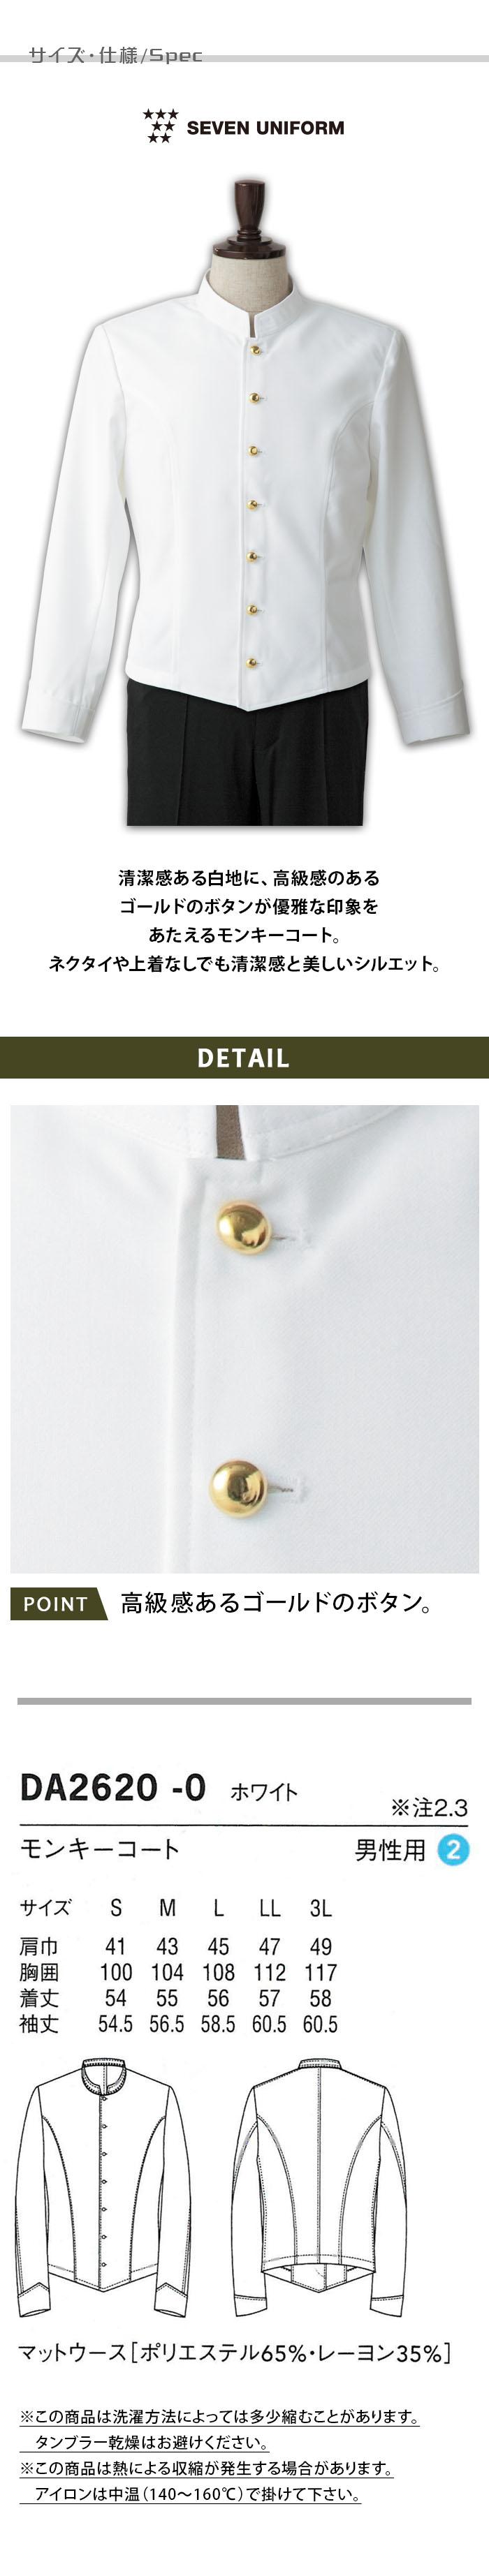 飲食店販売店制服 高級感のあるゴールドのボタンが優雅。 モンキーコート【1色】男性用